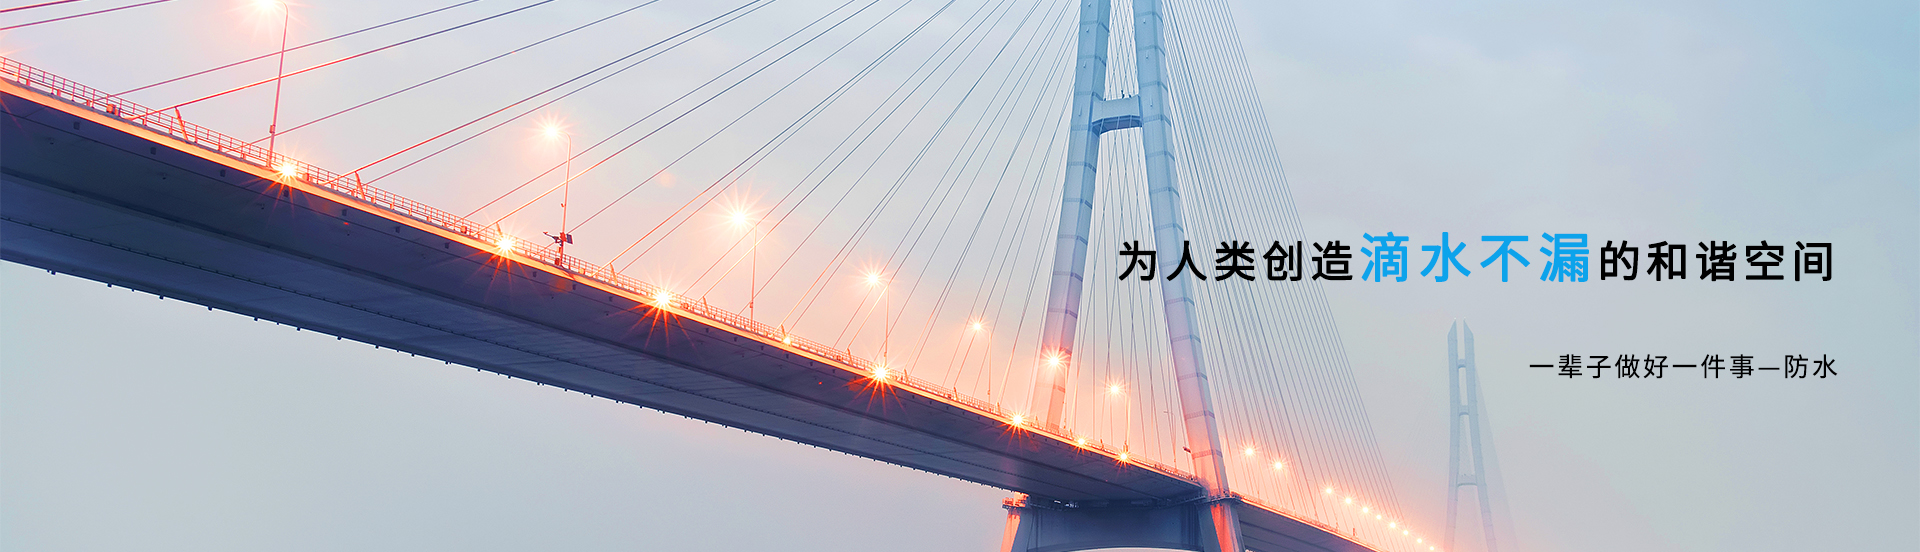 南京防水公司